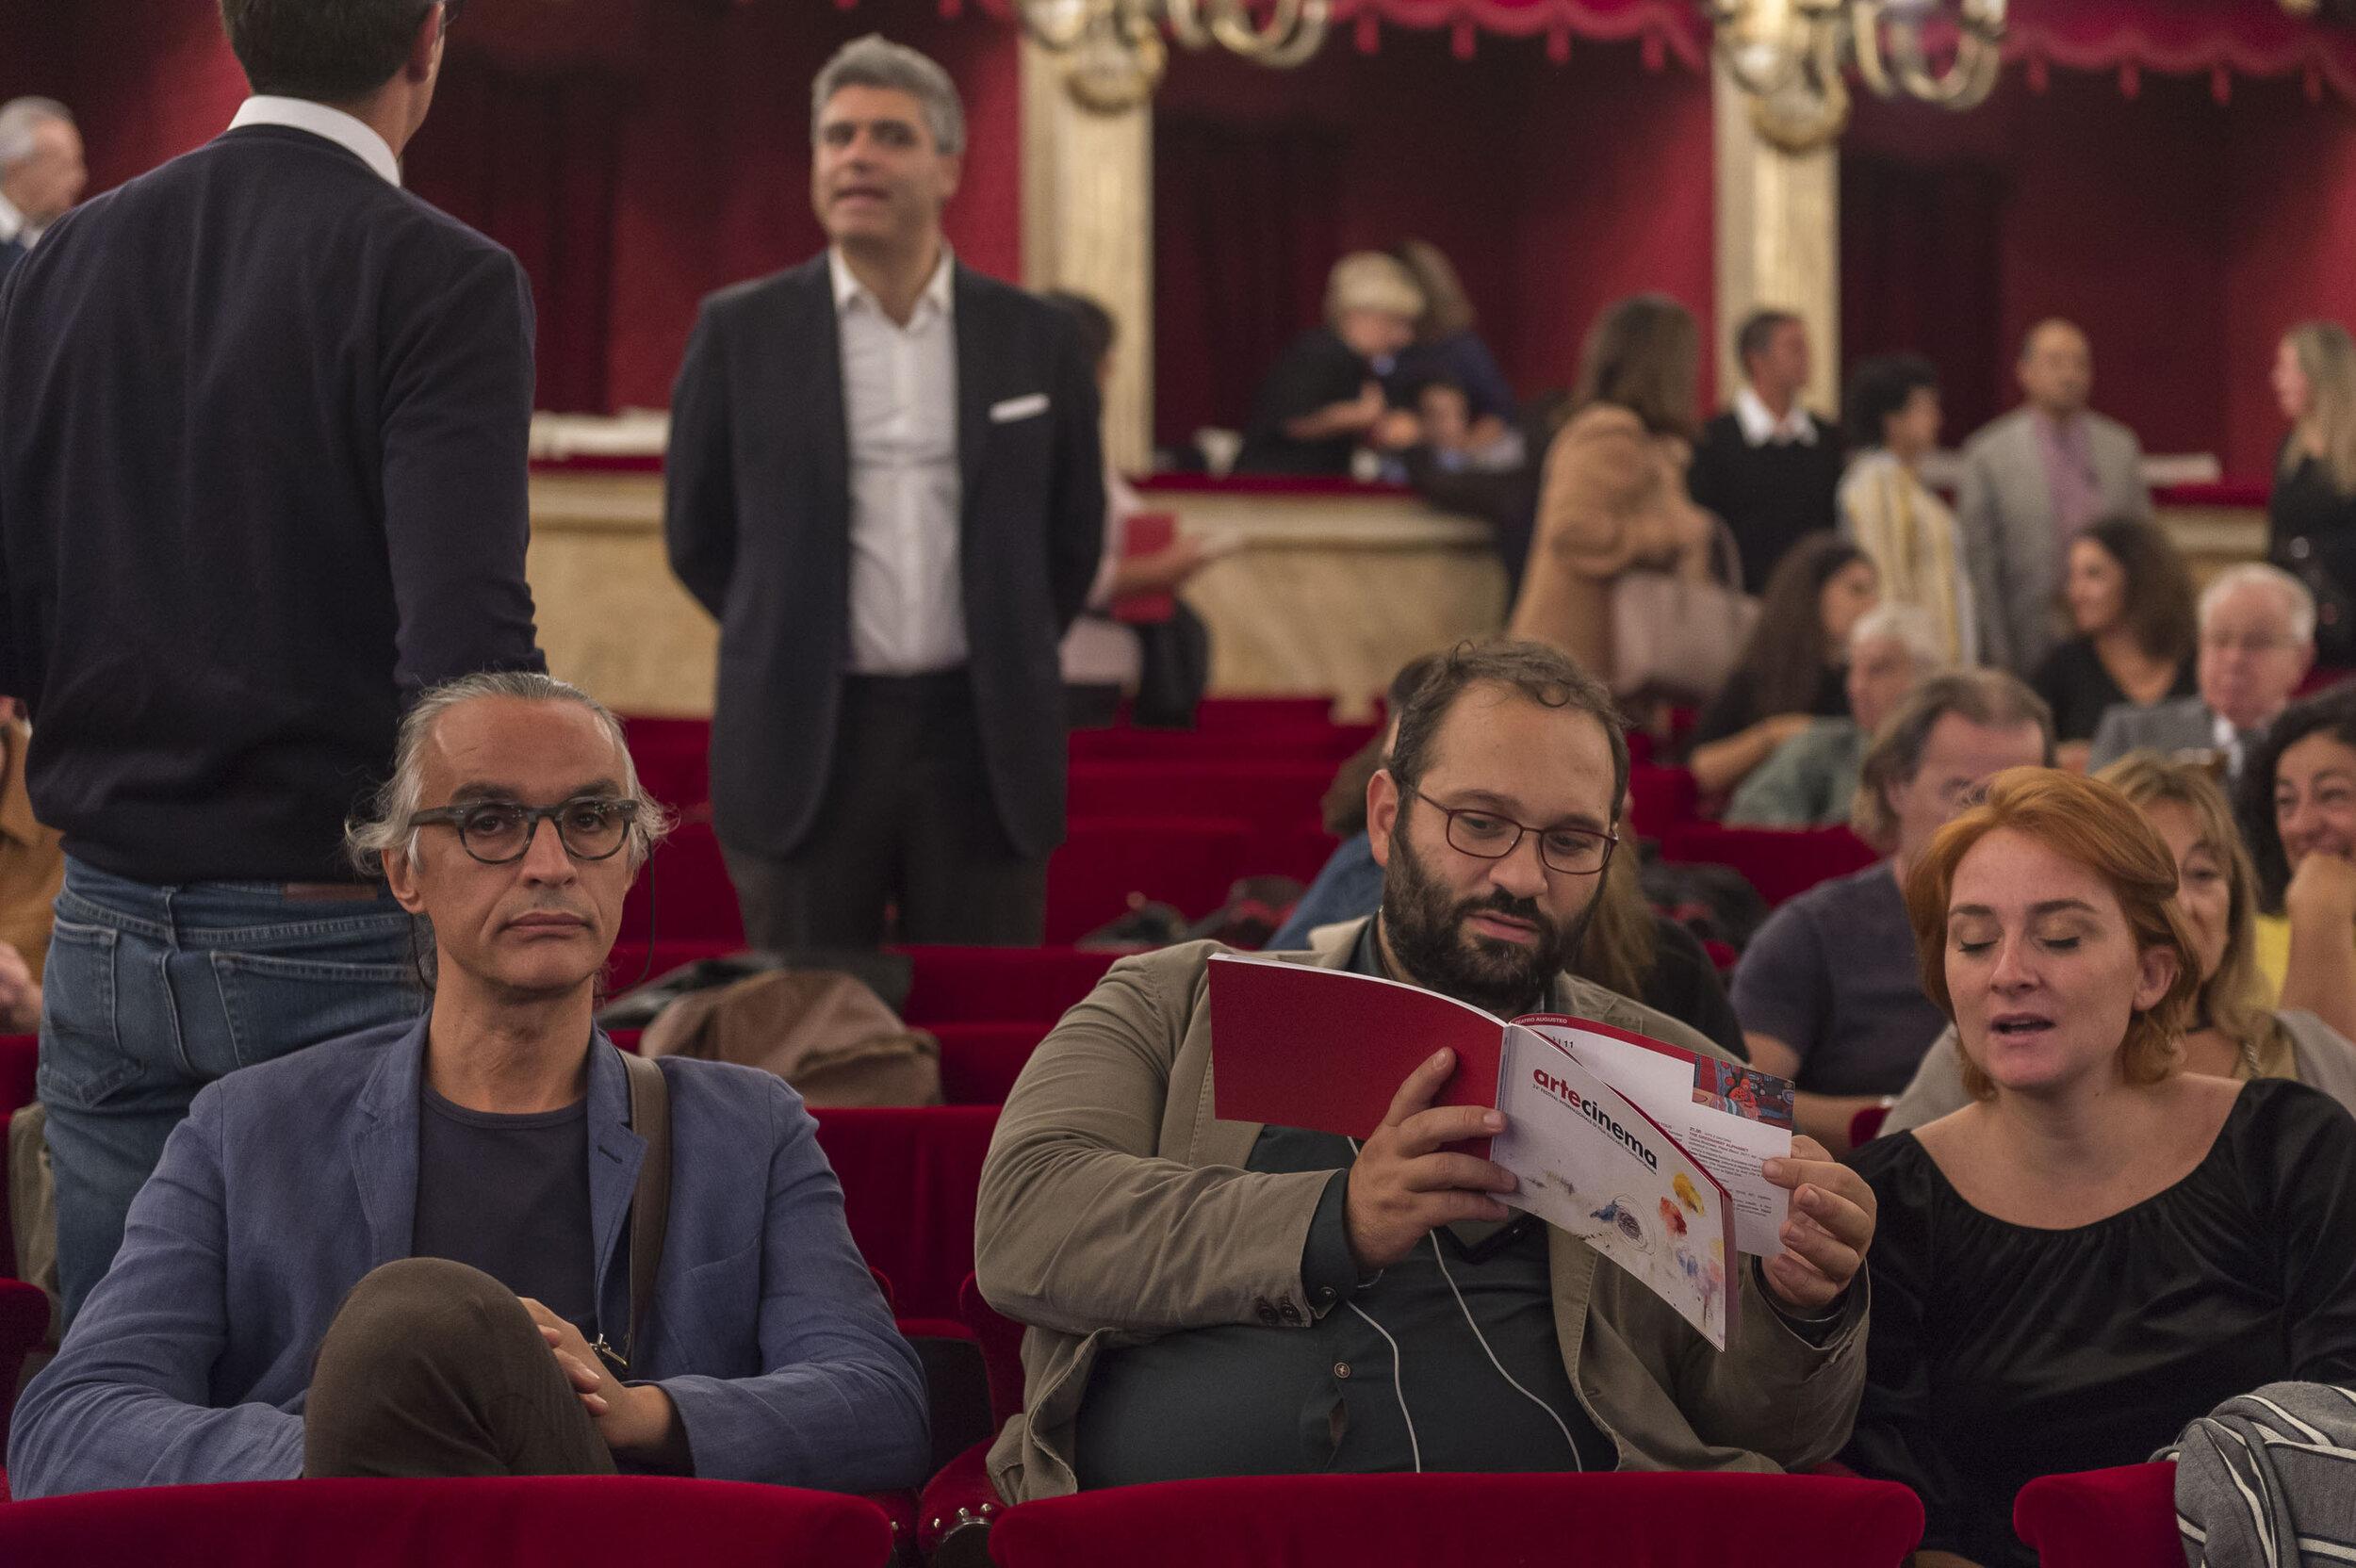 Artecinema 2019_ph Francesco Squeglia_8557.jpg